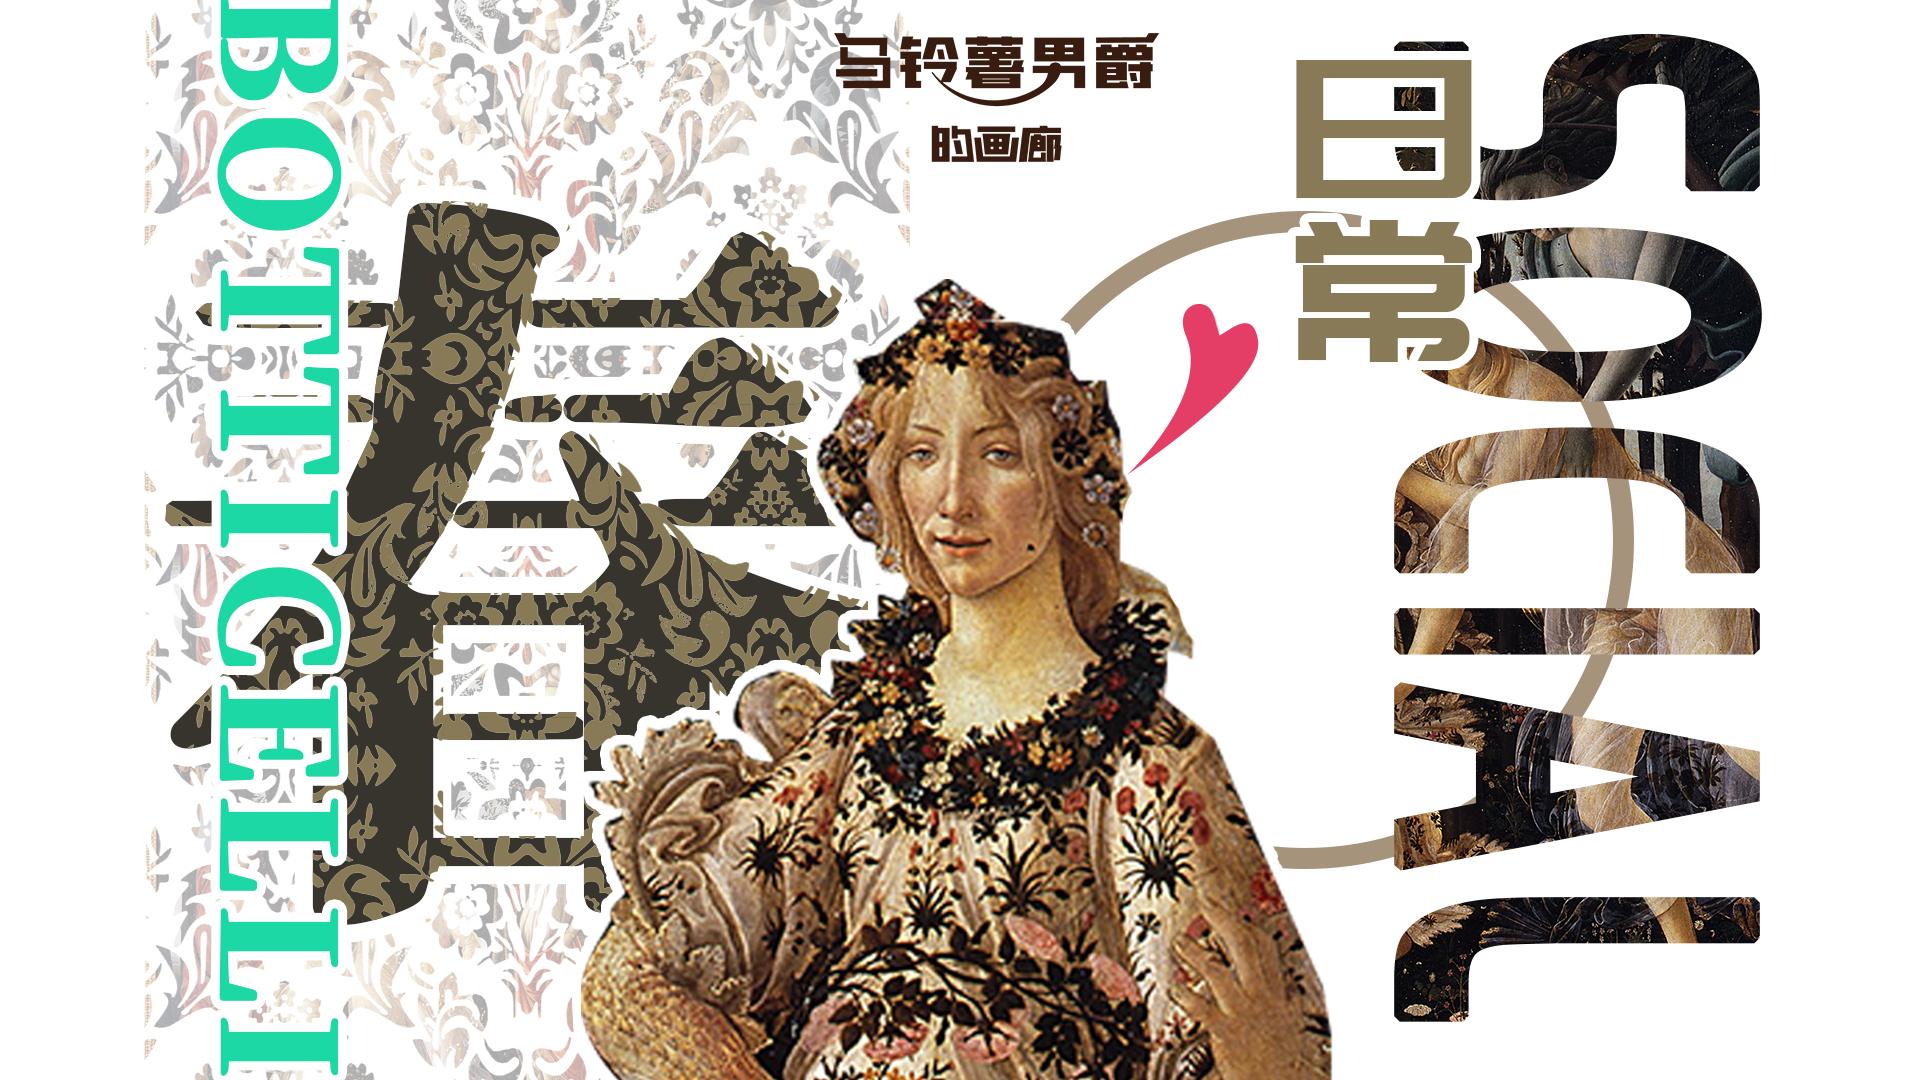 【男爵画廊】日常Socoal之波提切利《春》!